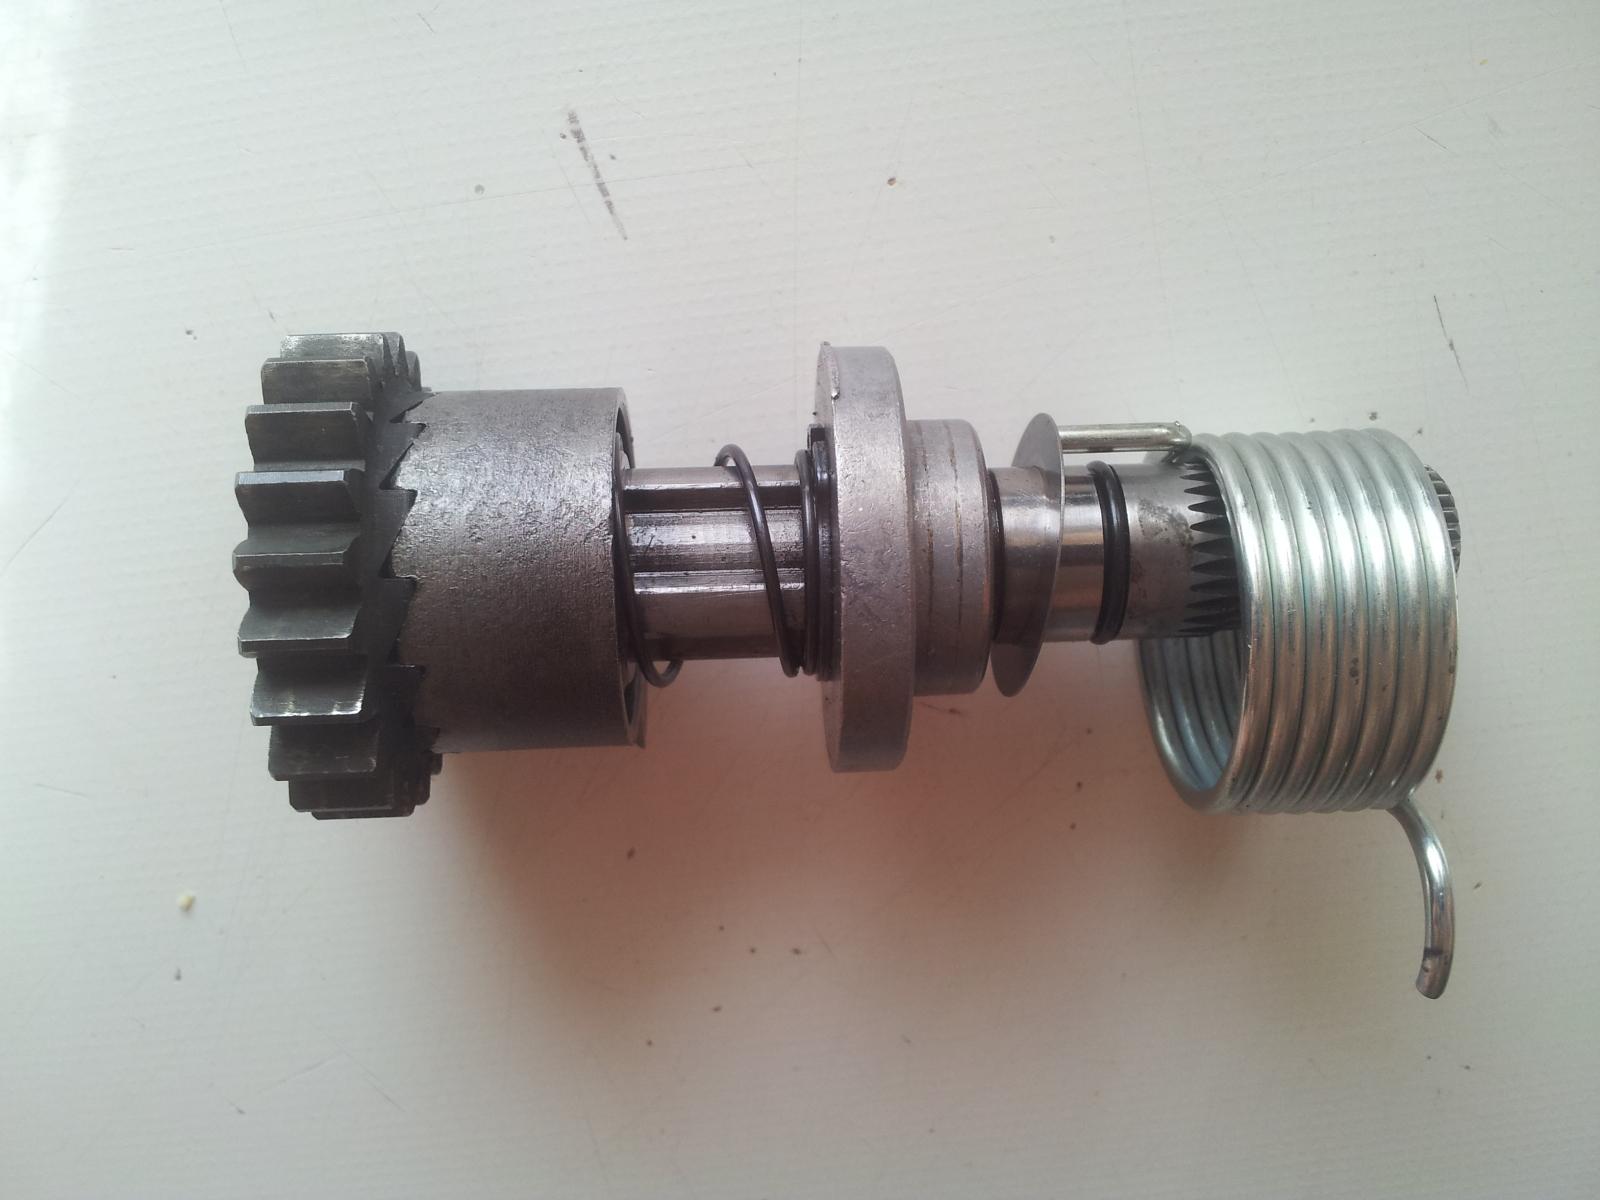 encendido - Mejoras en motores P3 P4 RV4 DL P6 K6... - Página 5 157ymvm